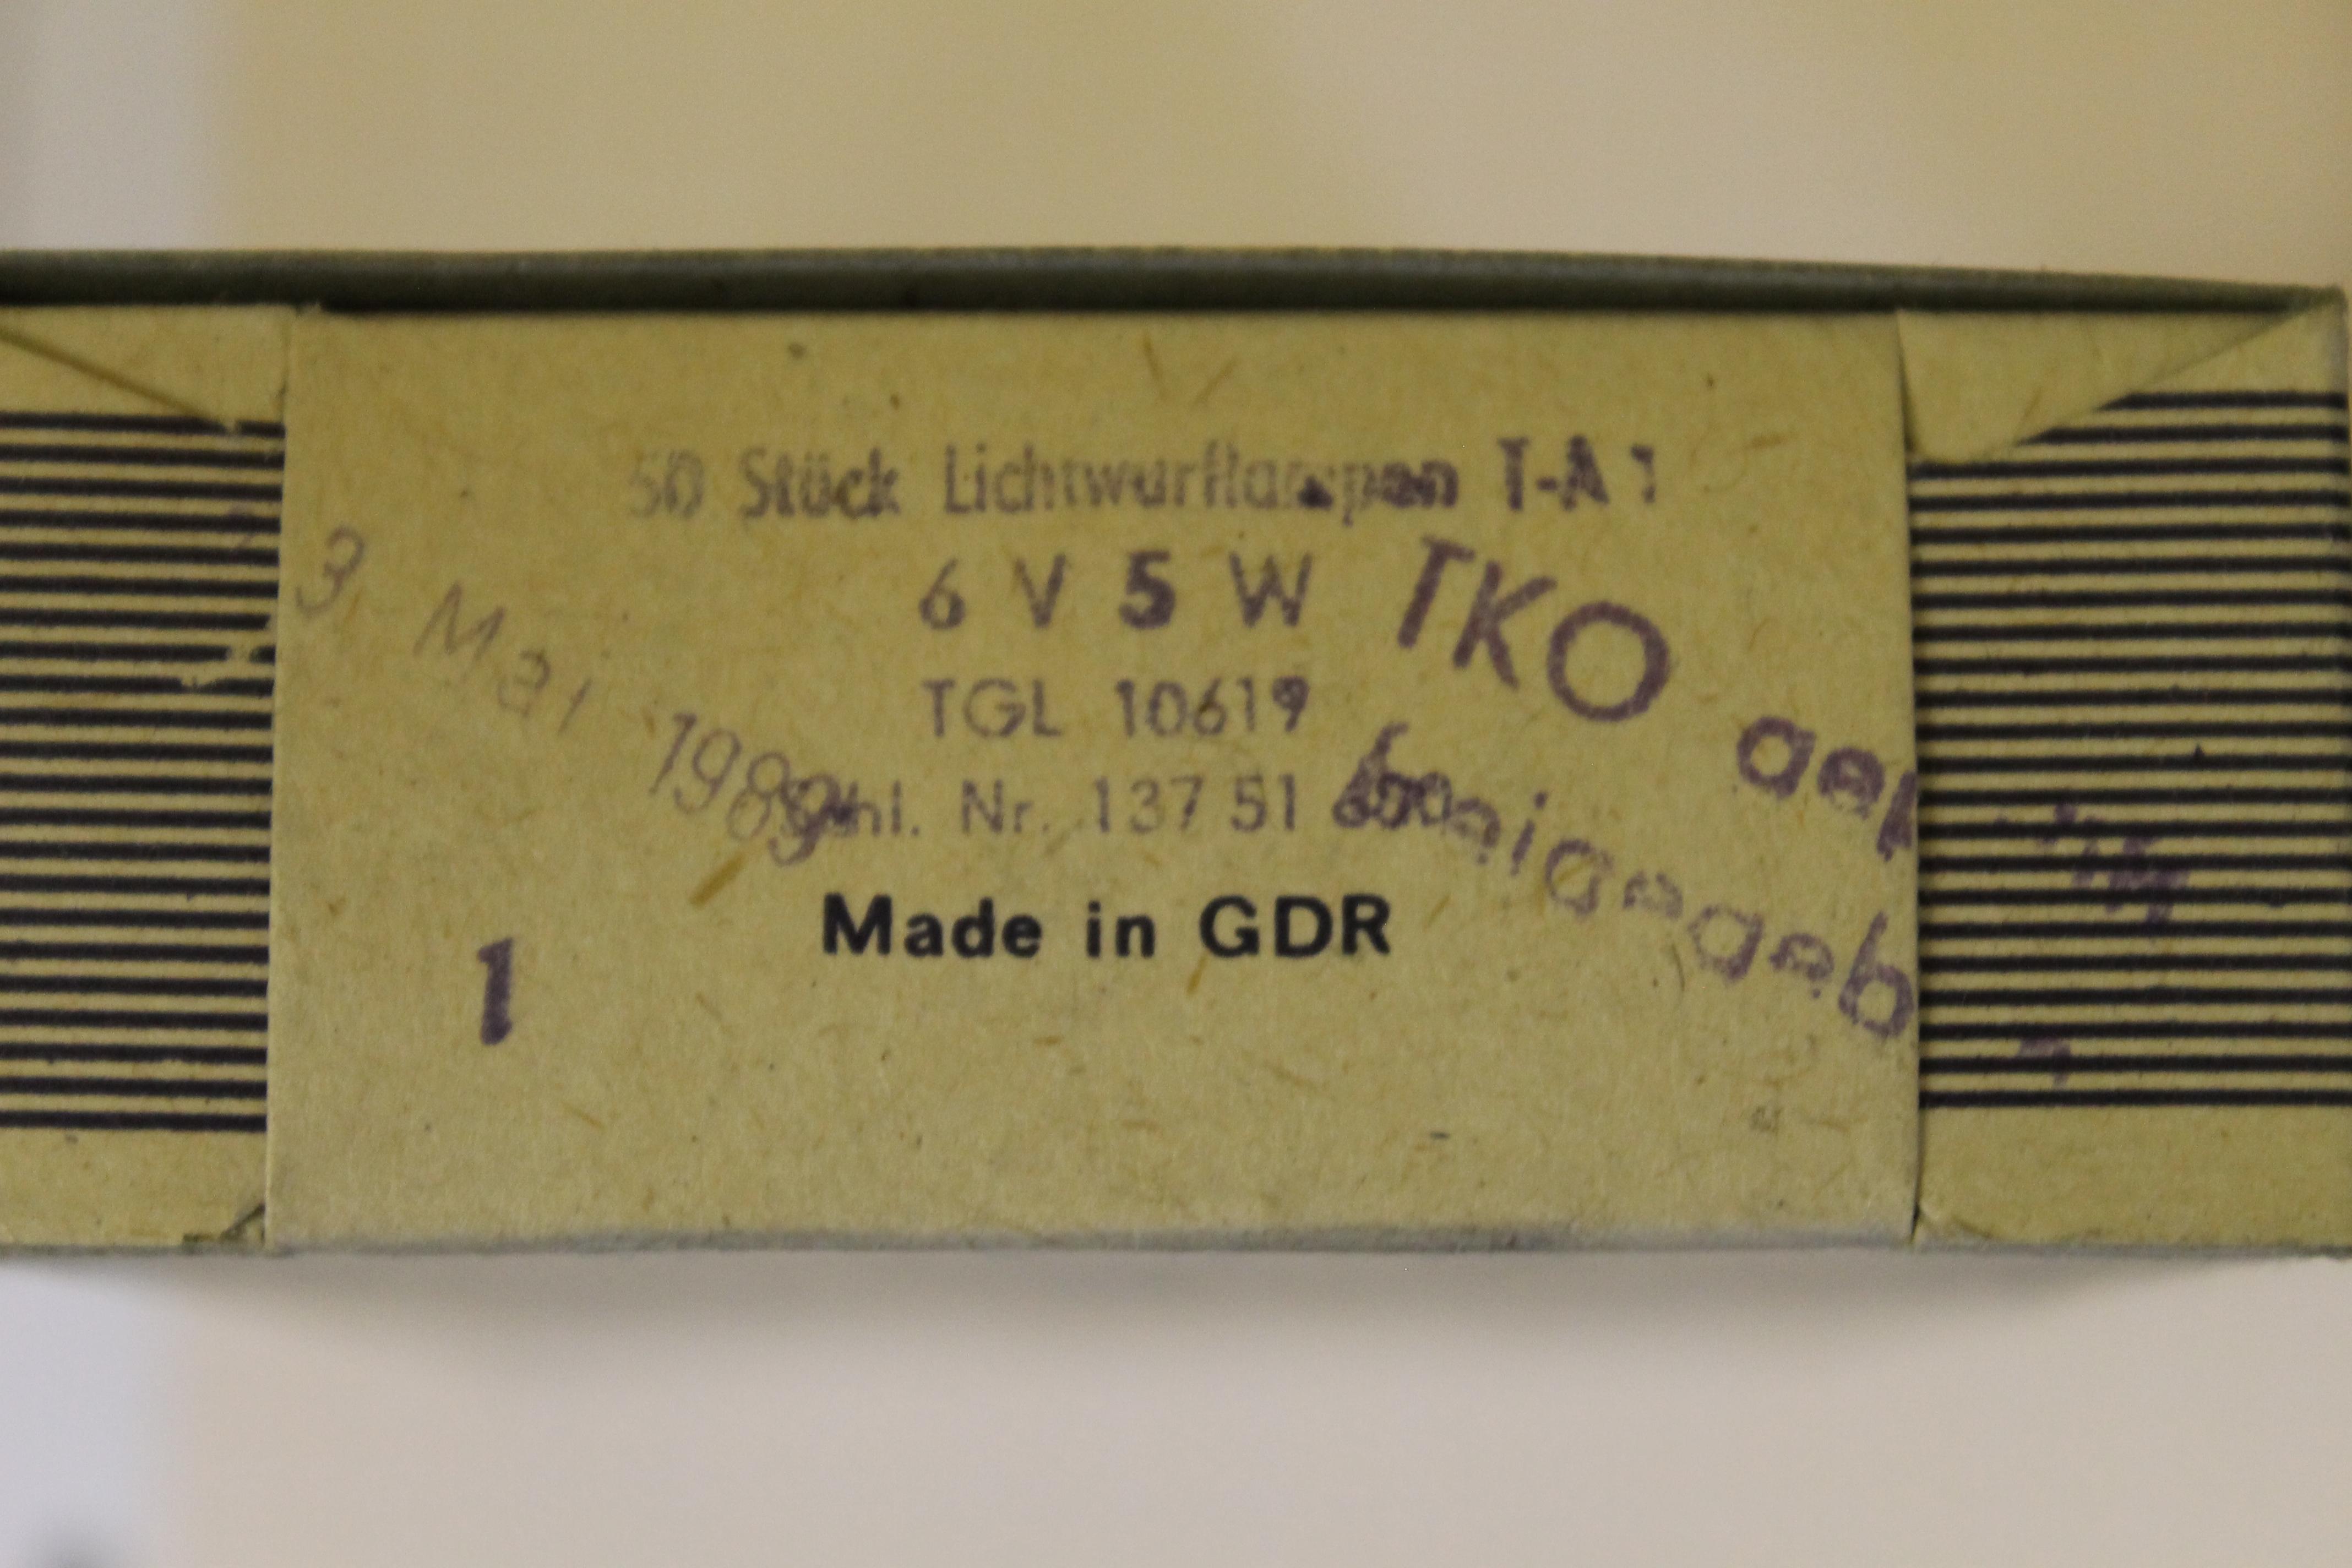 TGL 10961 NARVA Lichtwurflampe